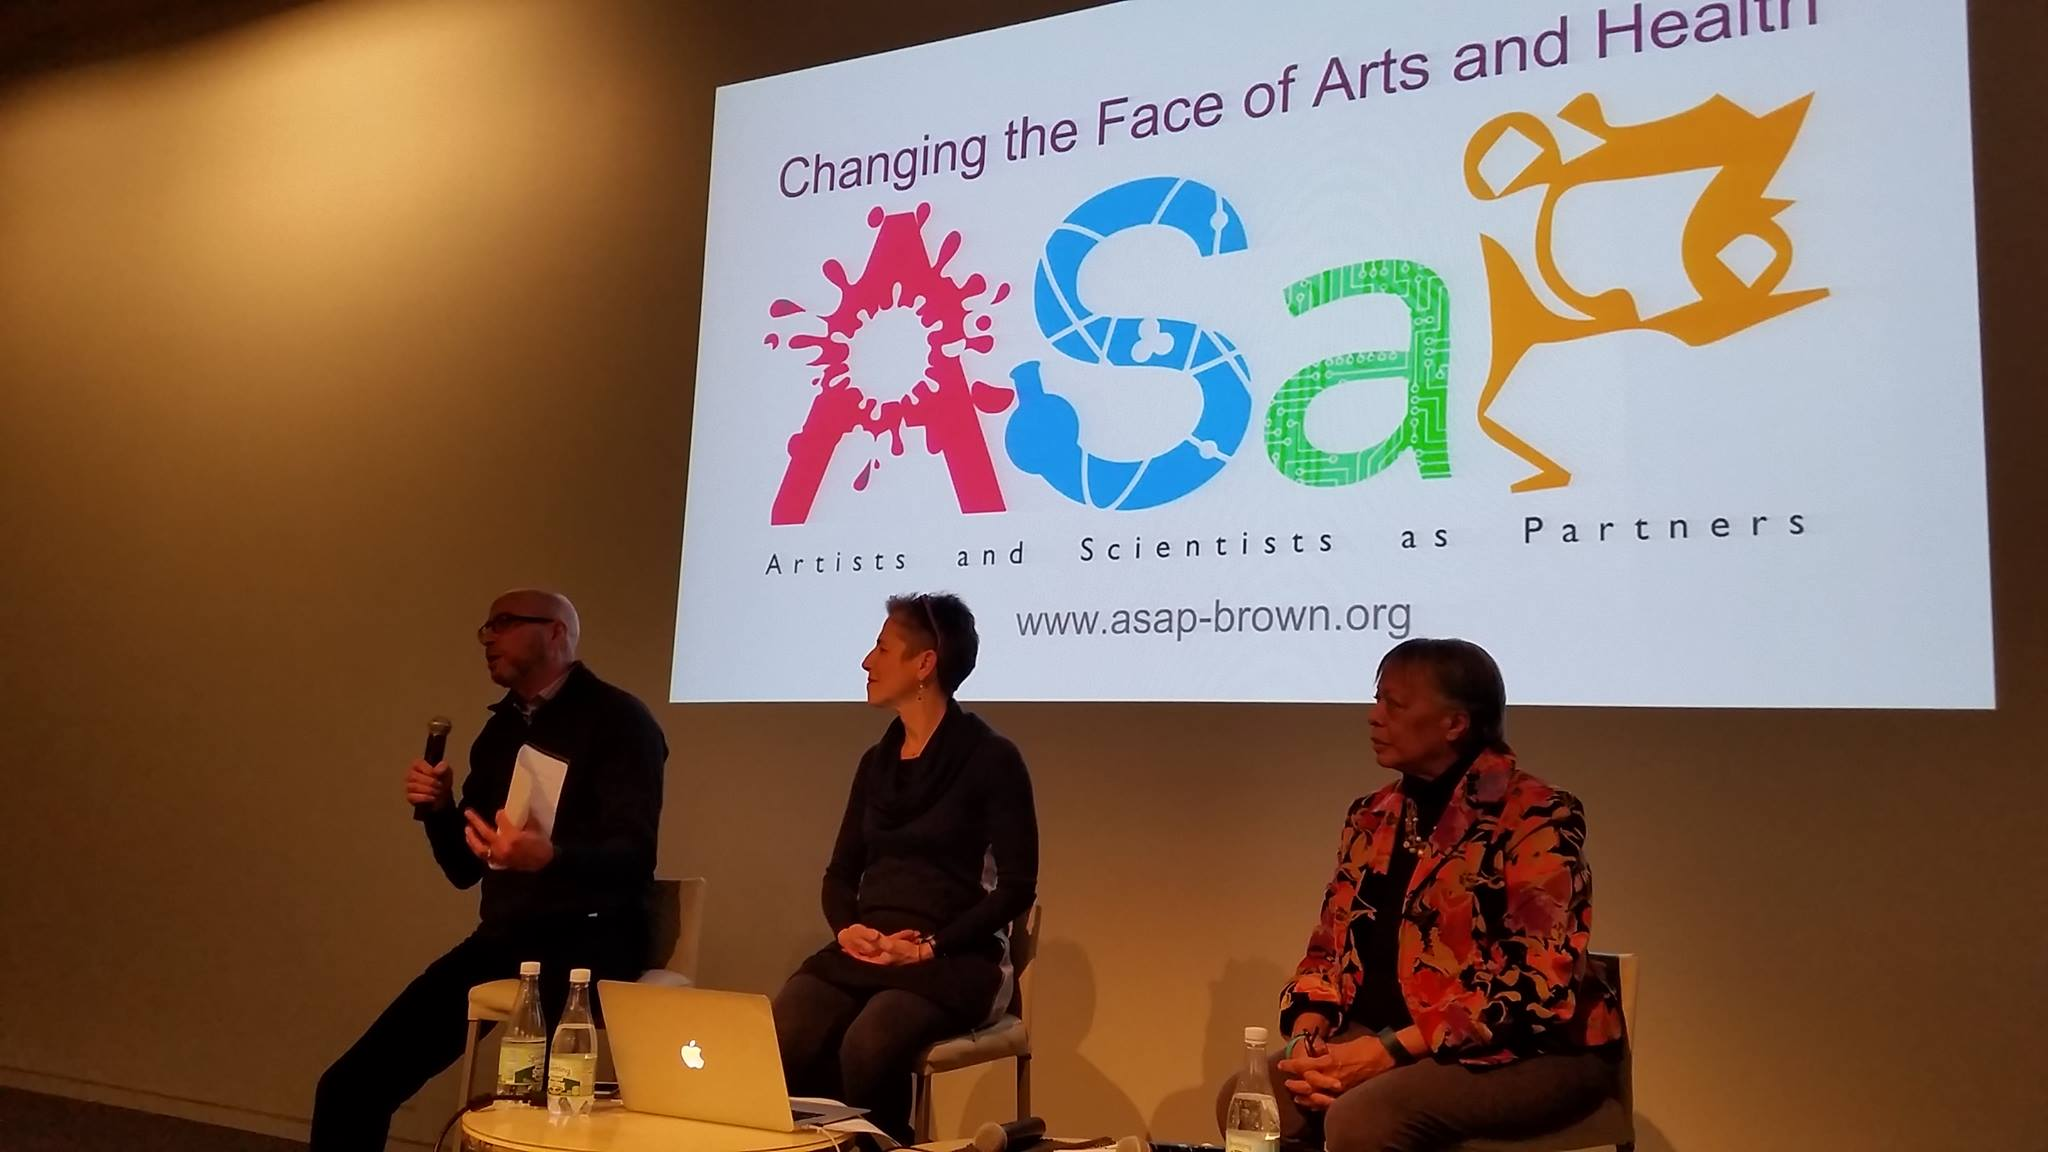 Jay Baruch, Rachel Balaban, and Julie Strandberg at Le Lab